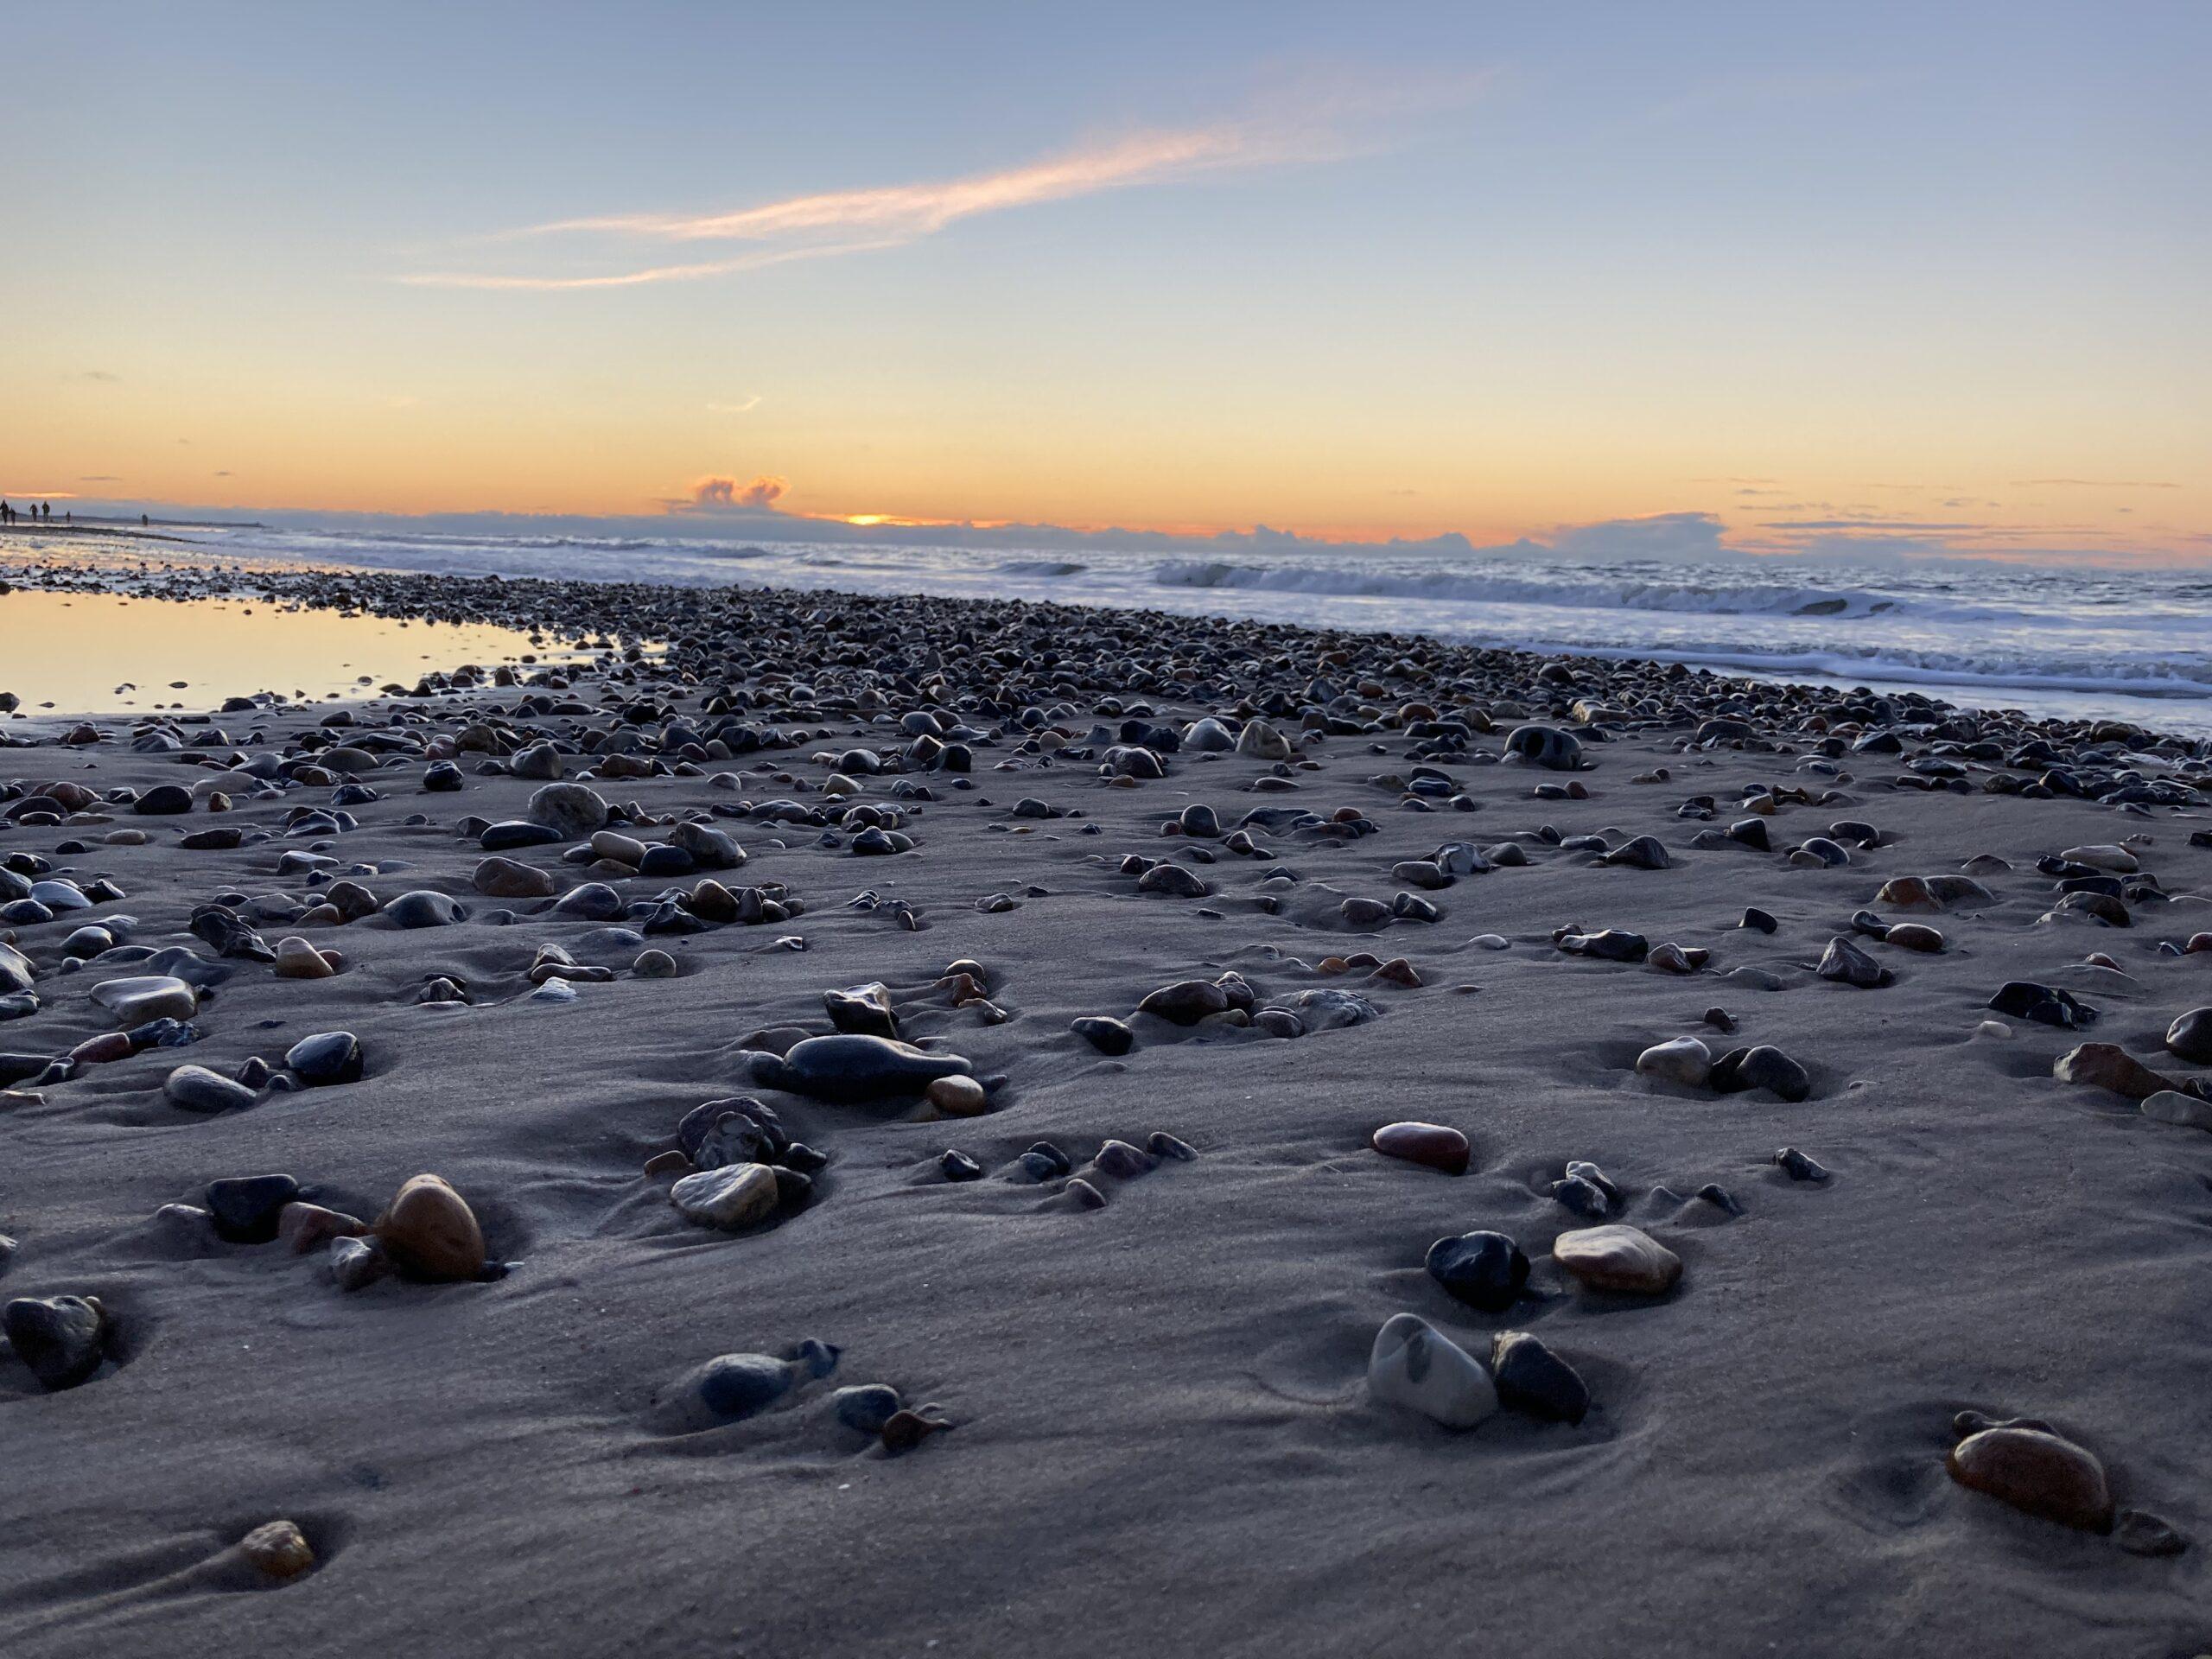 Solnedgang den 26. januar 2021 ved Tornby Strand. Smukke sten med bølger i baggrunden.